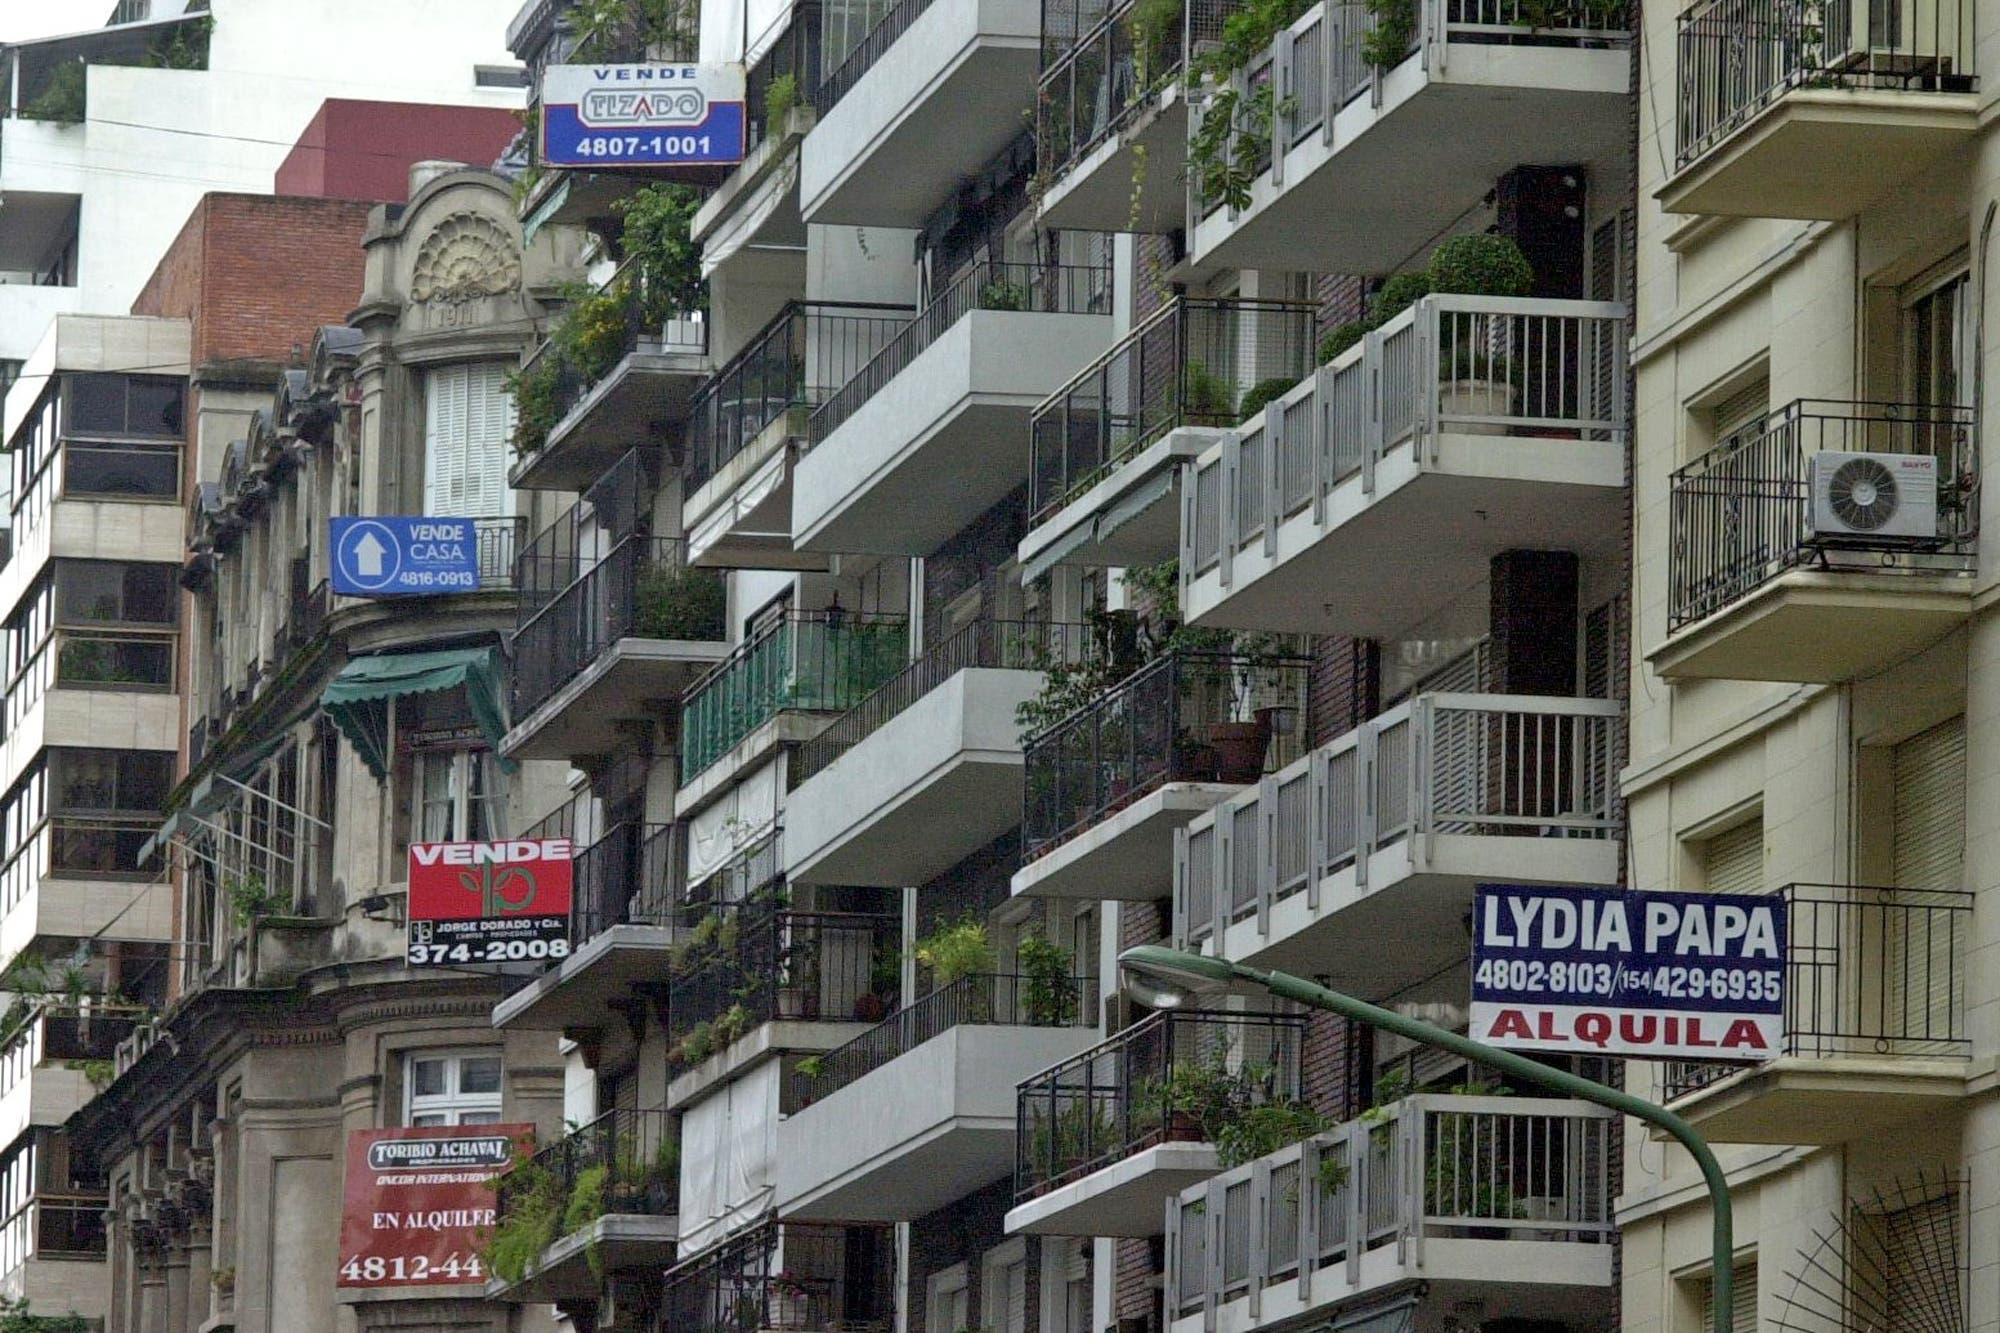 Ciudad. La compraventa de inmuebles sigue estancada, ahora también por las elecciones